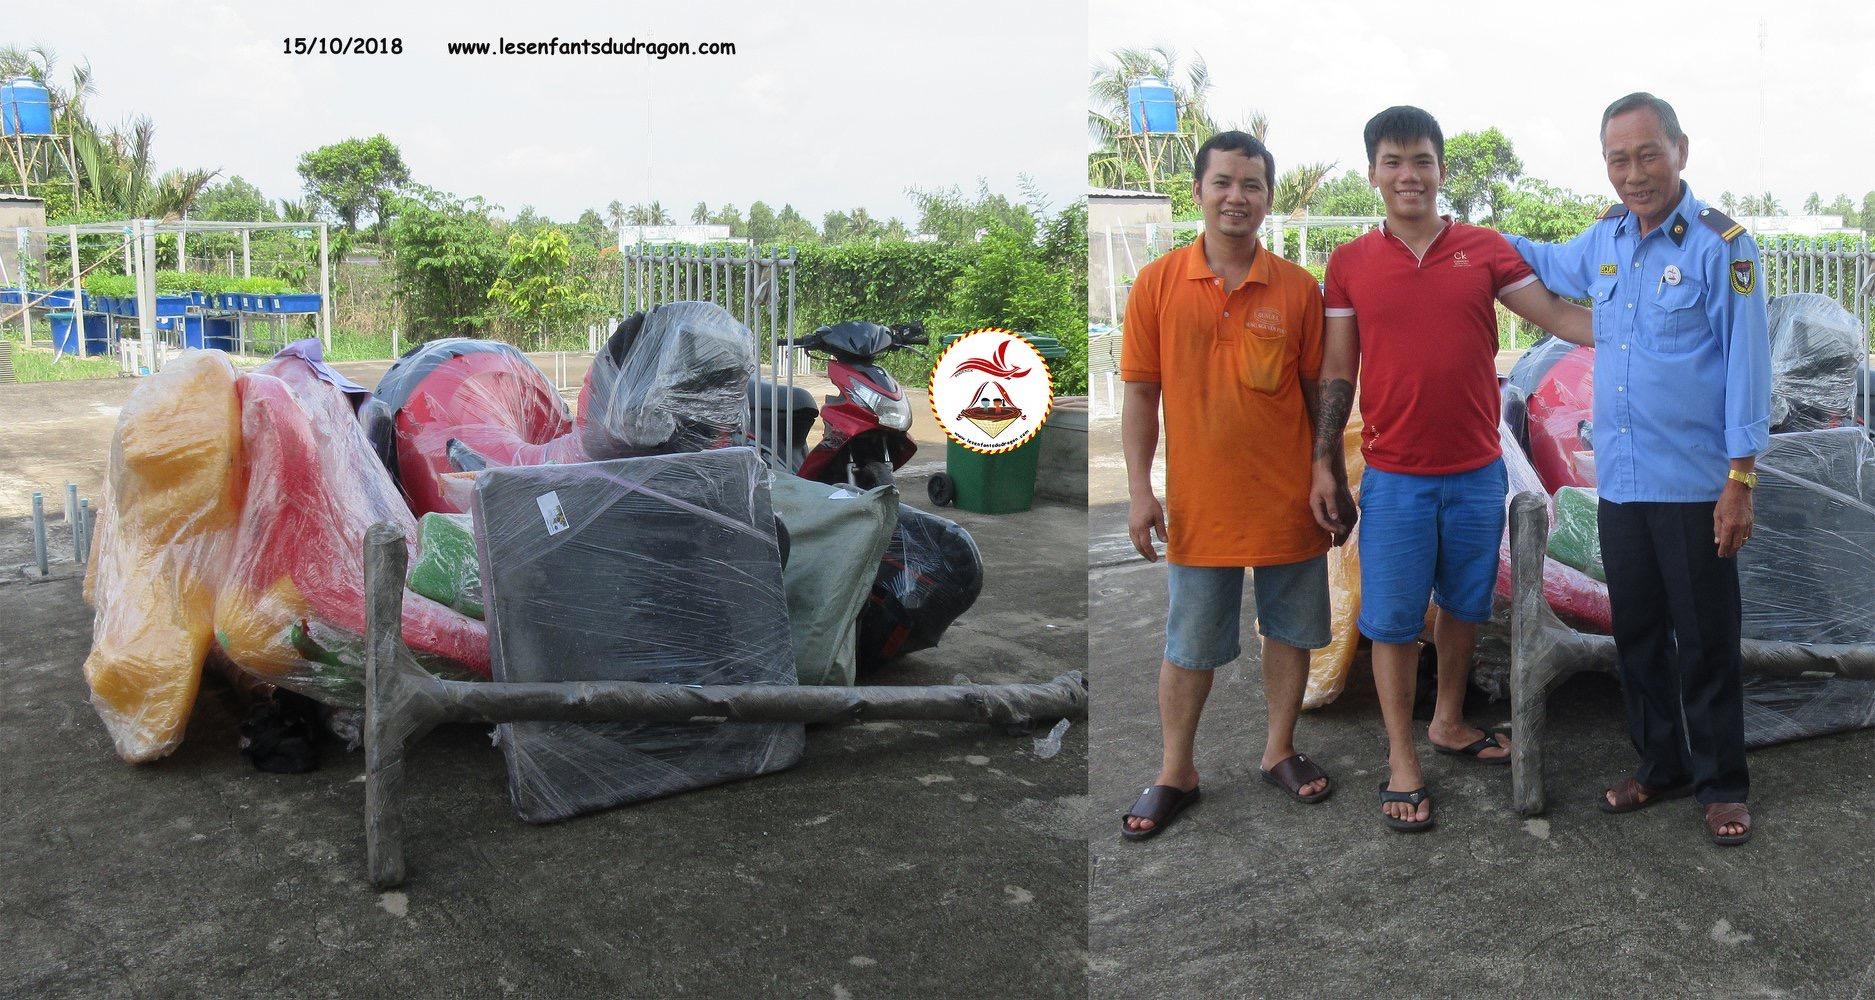 Vietnam. Association Enfants du Dragon. Financement de jeux extérieurs (photo1/3)